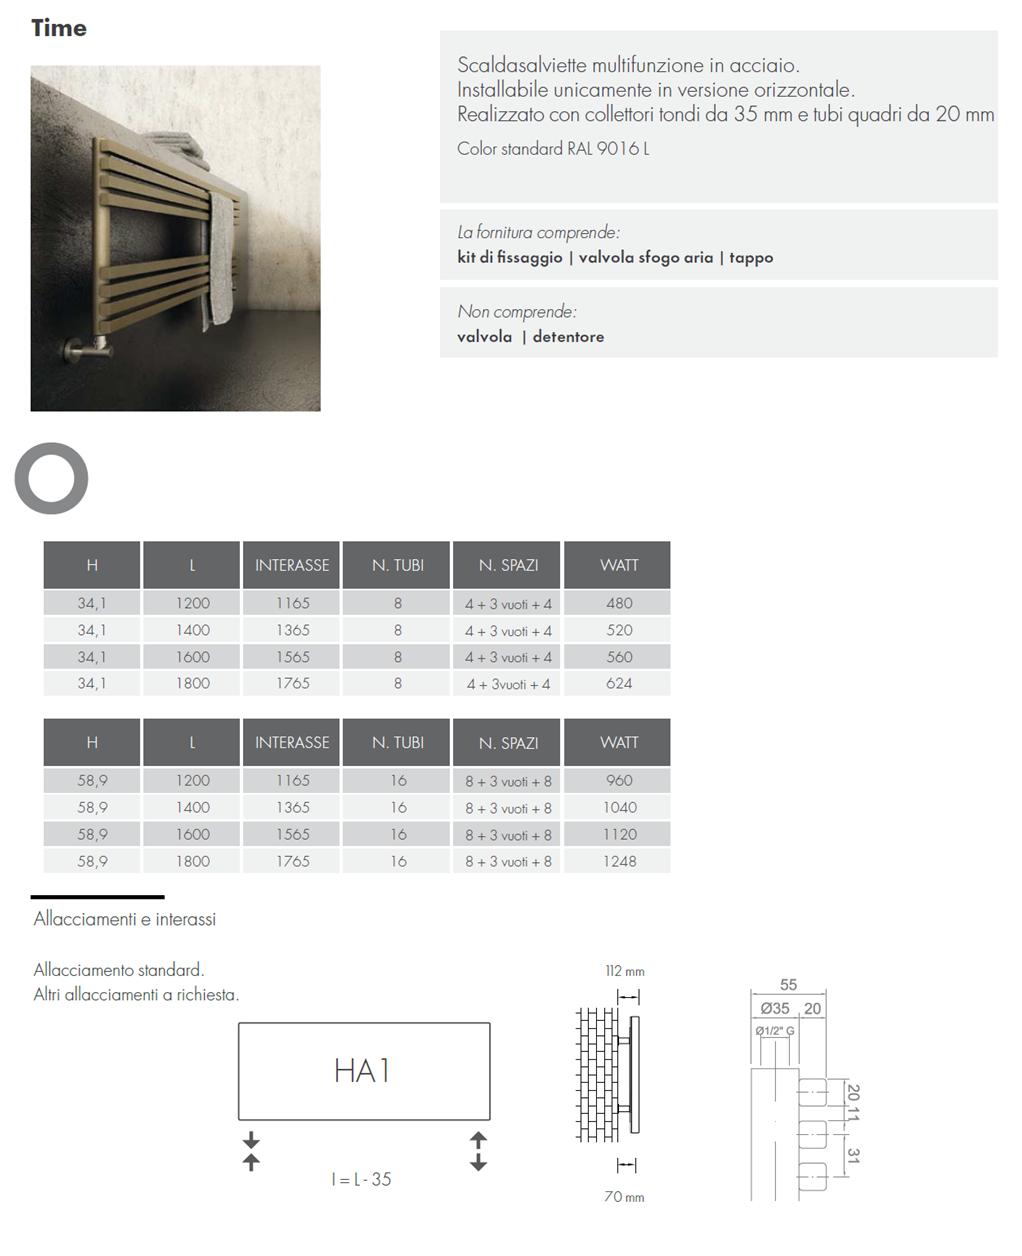 1scheda_tecnica_scaldasalviette_graziano_radiators_time